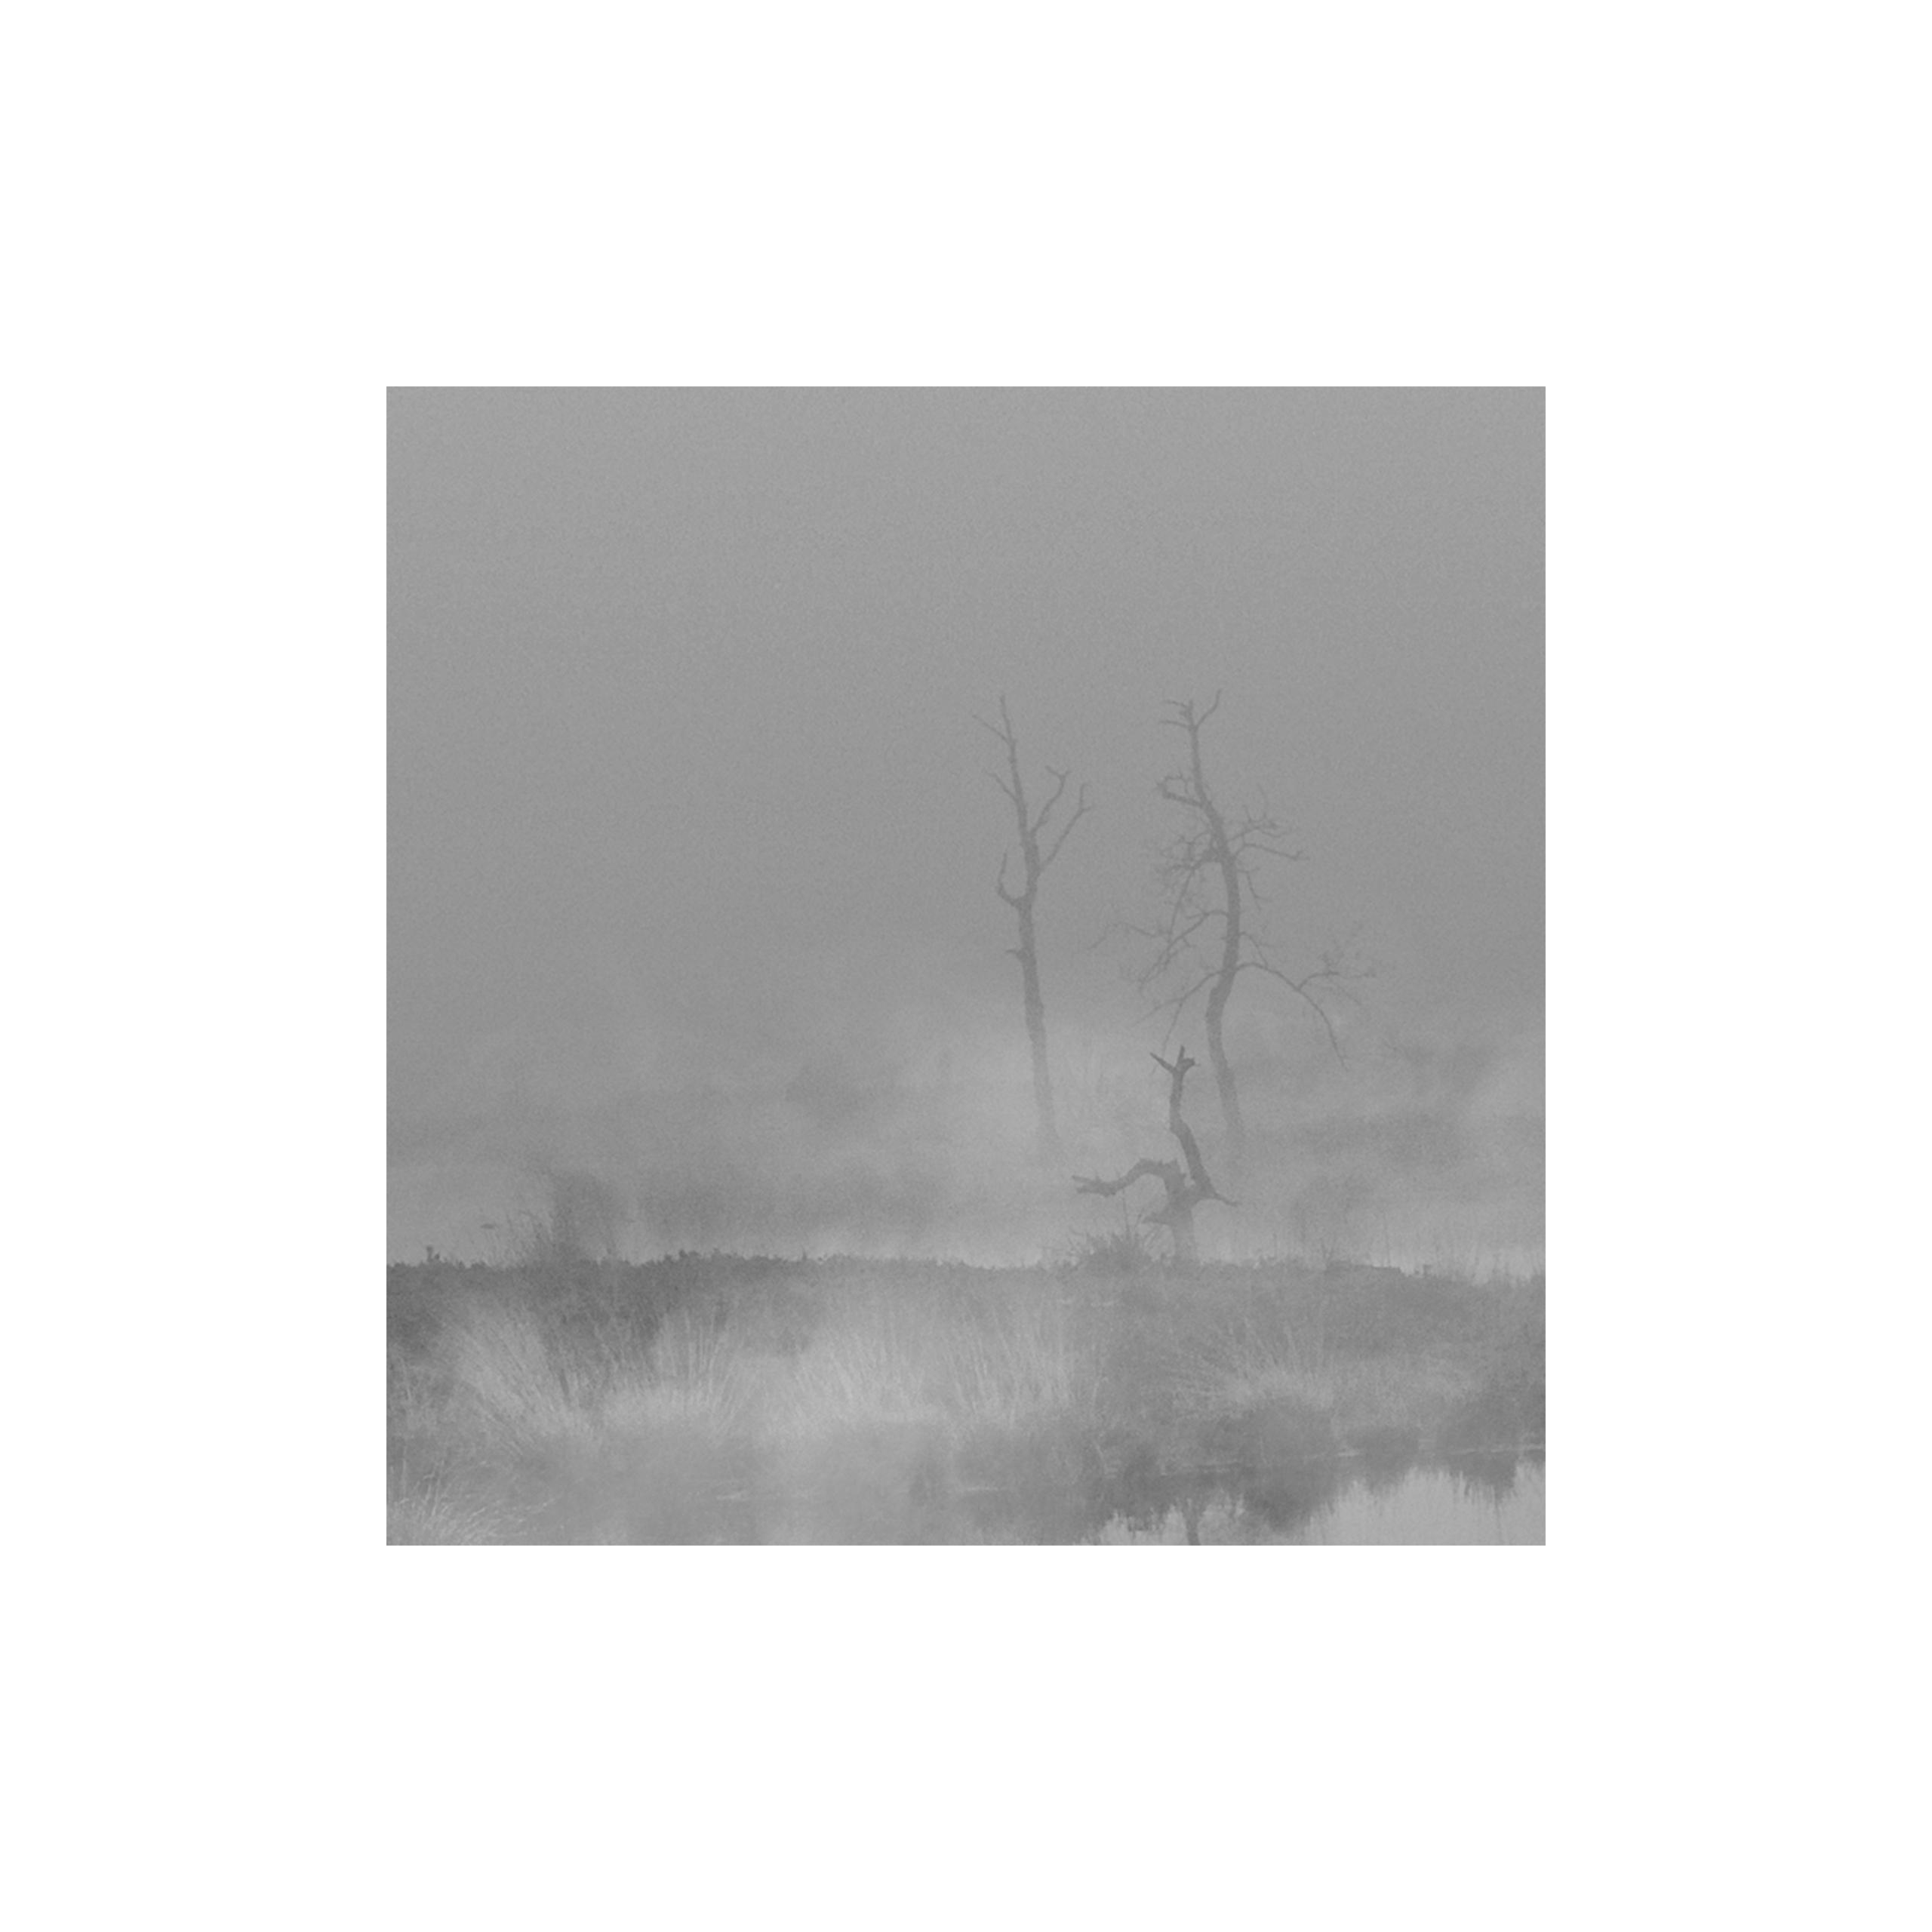 monique2211 Post 05 Nov 2017 12:33:15 UTC | ello